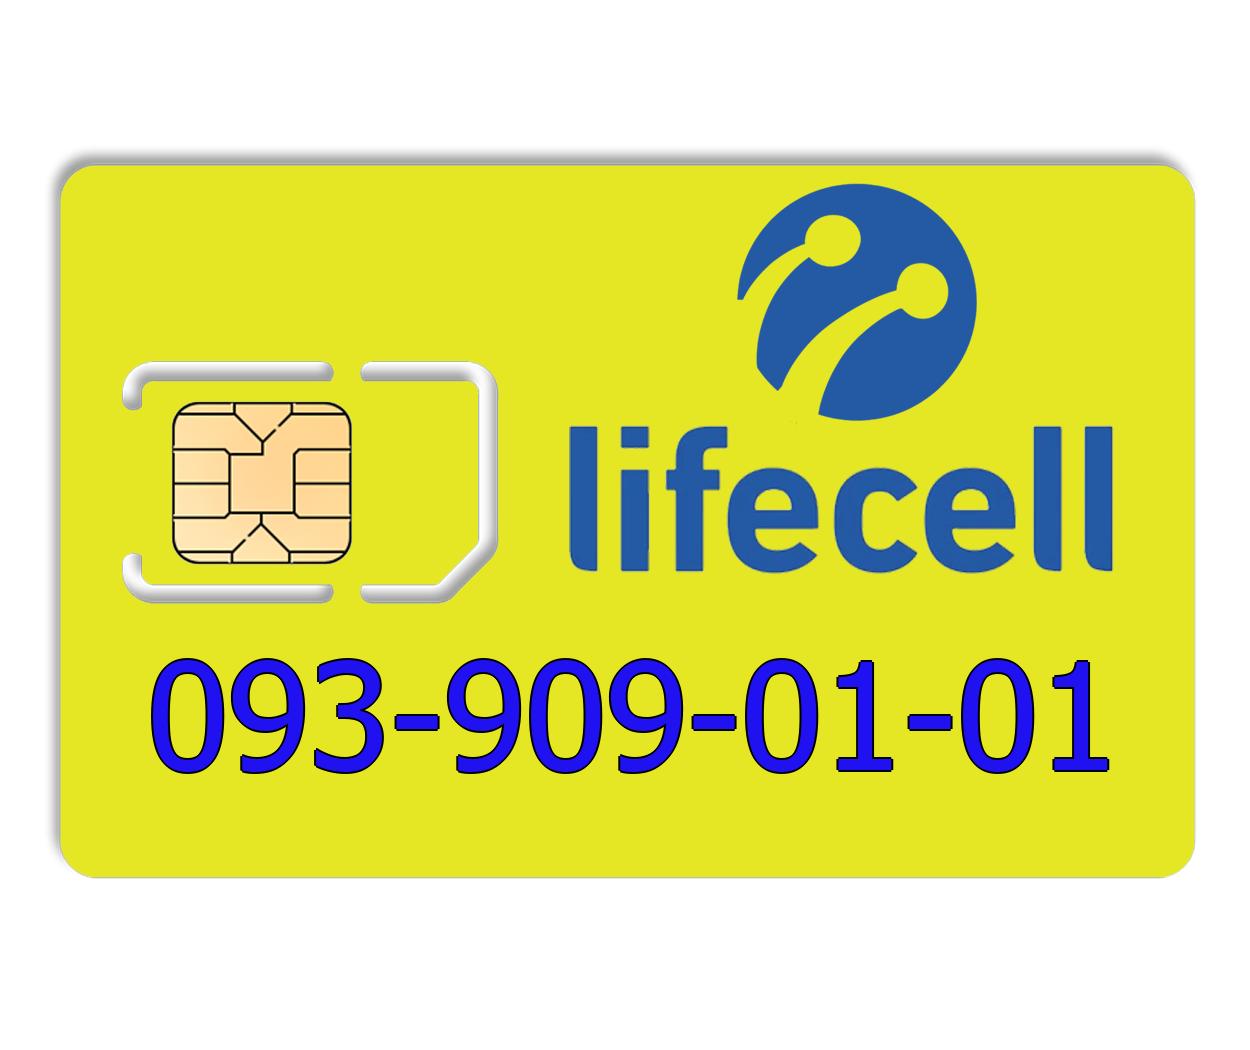 Красивый номер lifecell 093-909-01-01